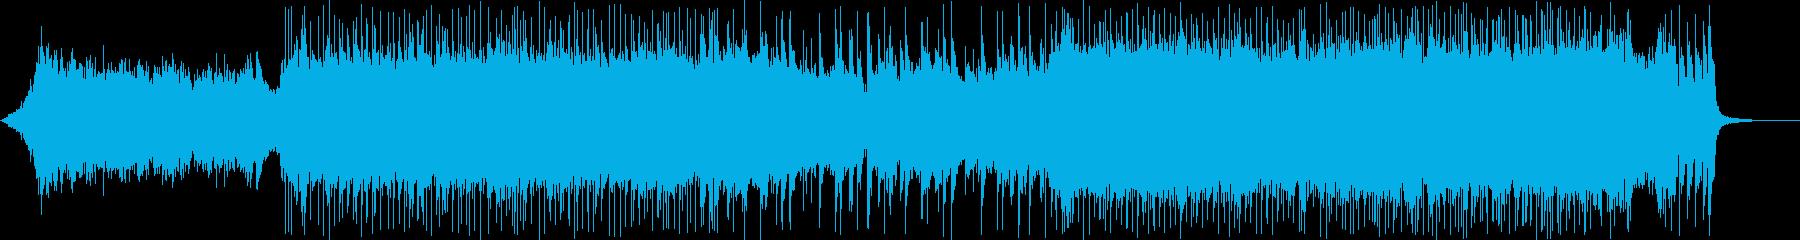 モダンでテクニカルなプログレッシブメタルの再生済みの波形